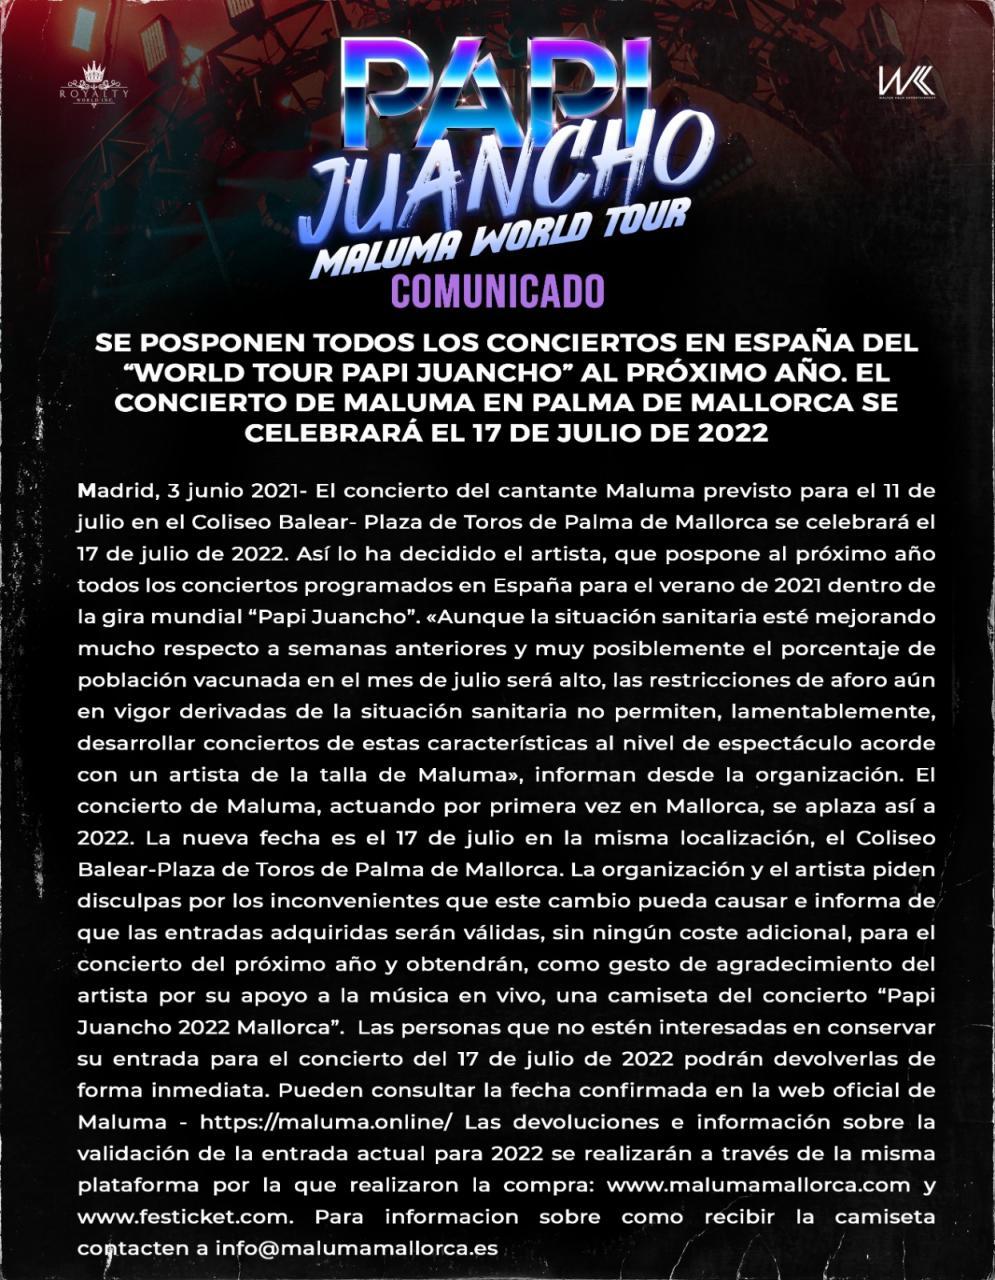 Aplazado el concierto de Maluma en Palma